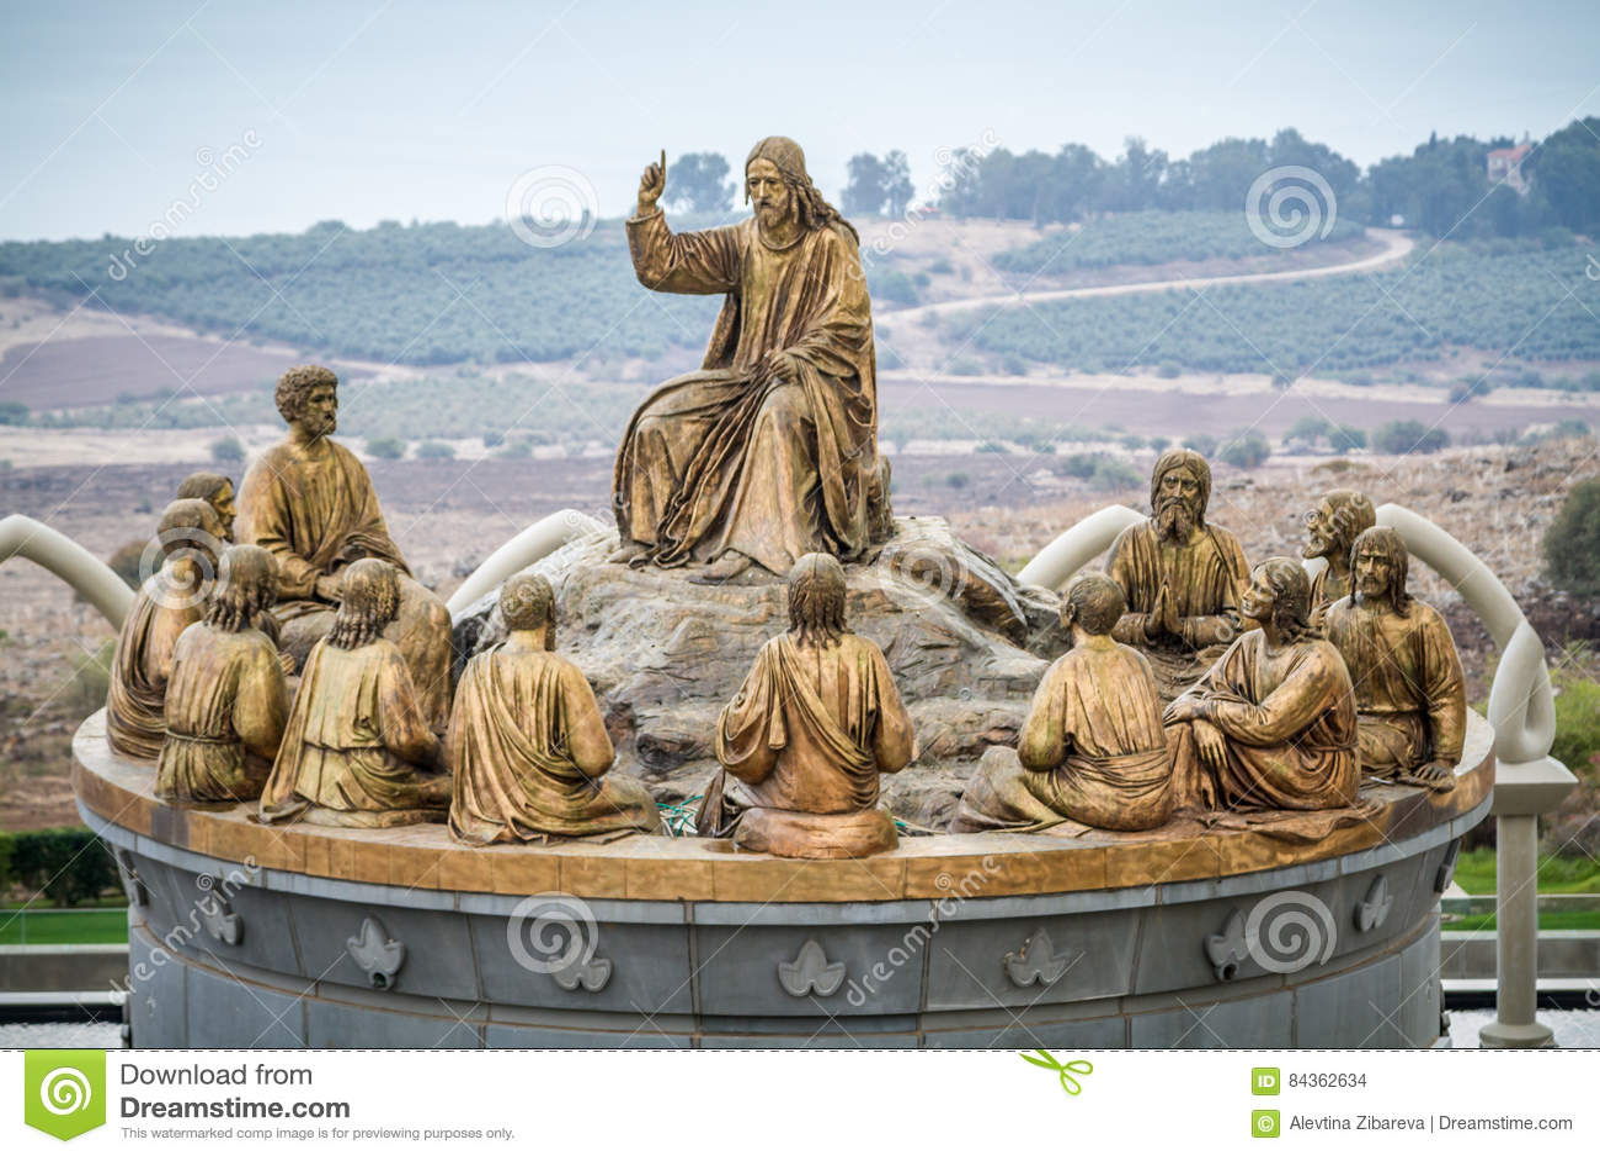 Las estatuas de Jesús y de doce apóstoles, Domus Galilaeae en Israel